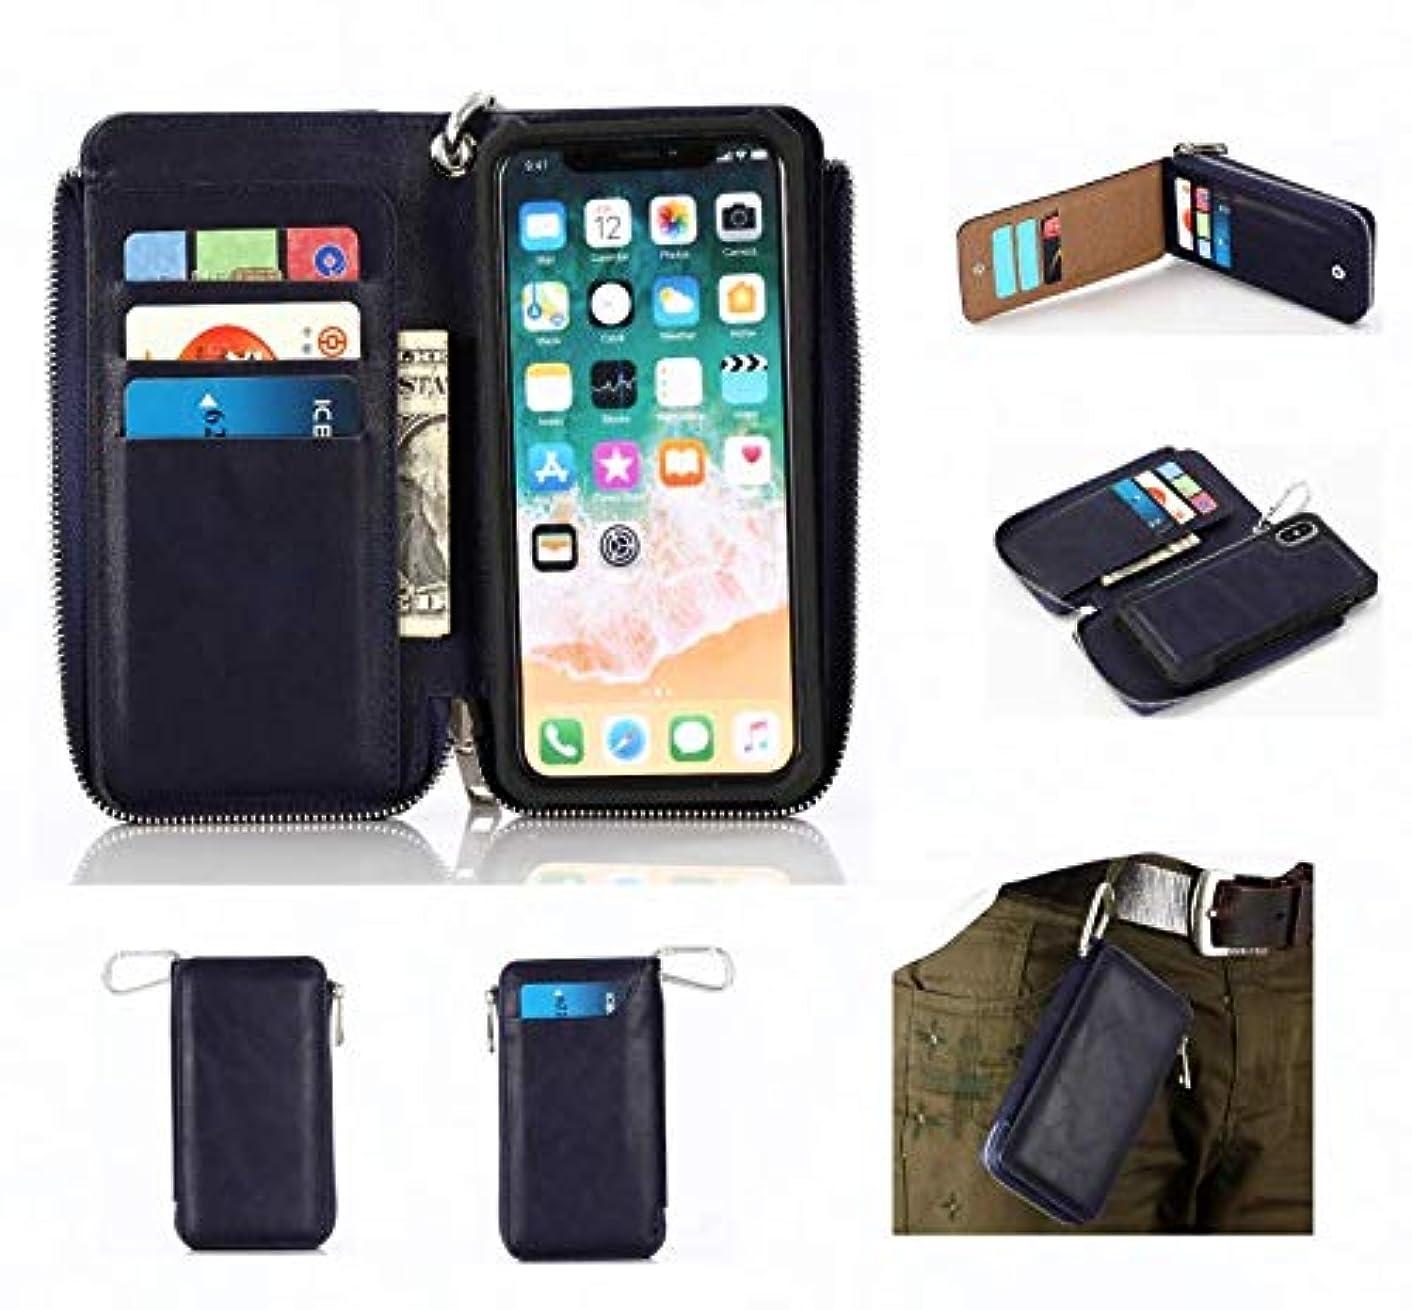 歯ボンド義務付けられたiPhone Xジッパー財布、iPhone XS携帯ポケット、メンズベルトベルトバッグ、金属リング、10個のカードスロット、キャッシュスロット、ボタンロックポケット、取り外し可能なスリムプロテクター、磁気カーラック